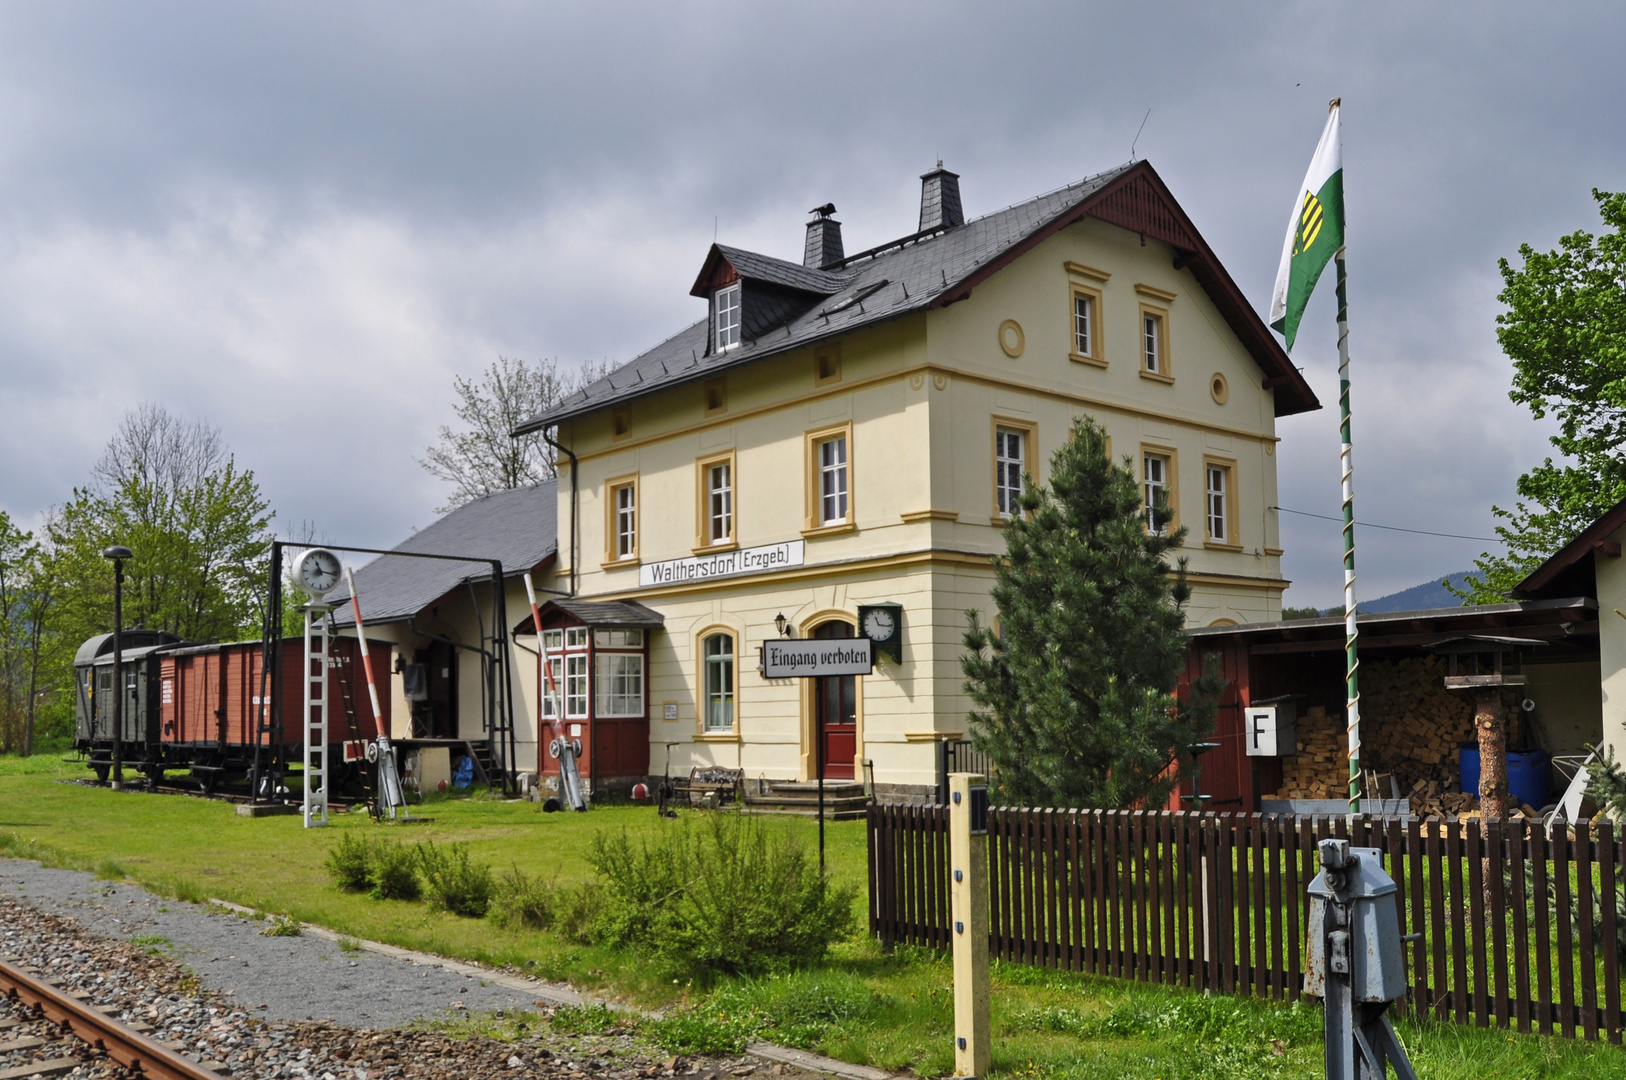 Museumsbahnhof Walthersdorf/Erzgebirge